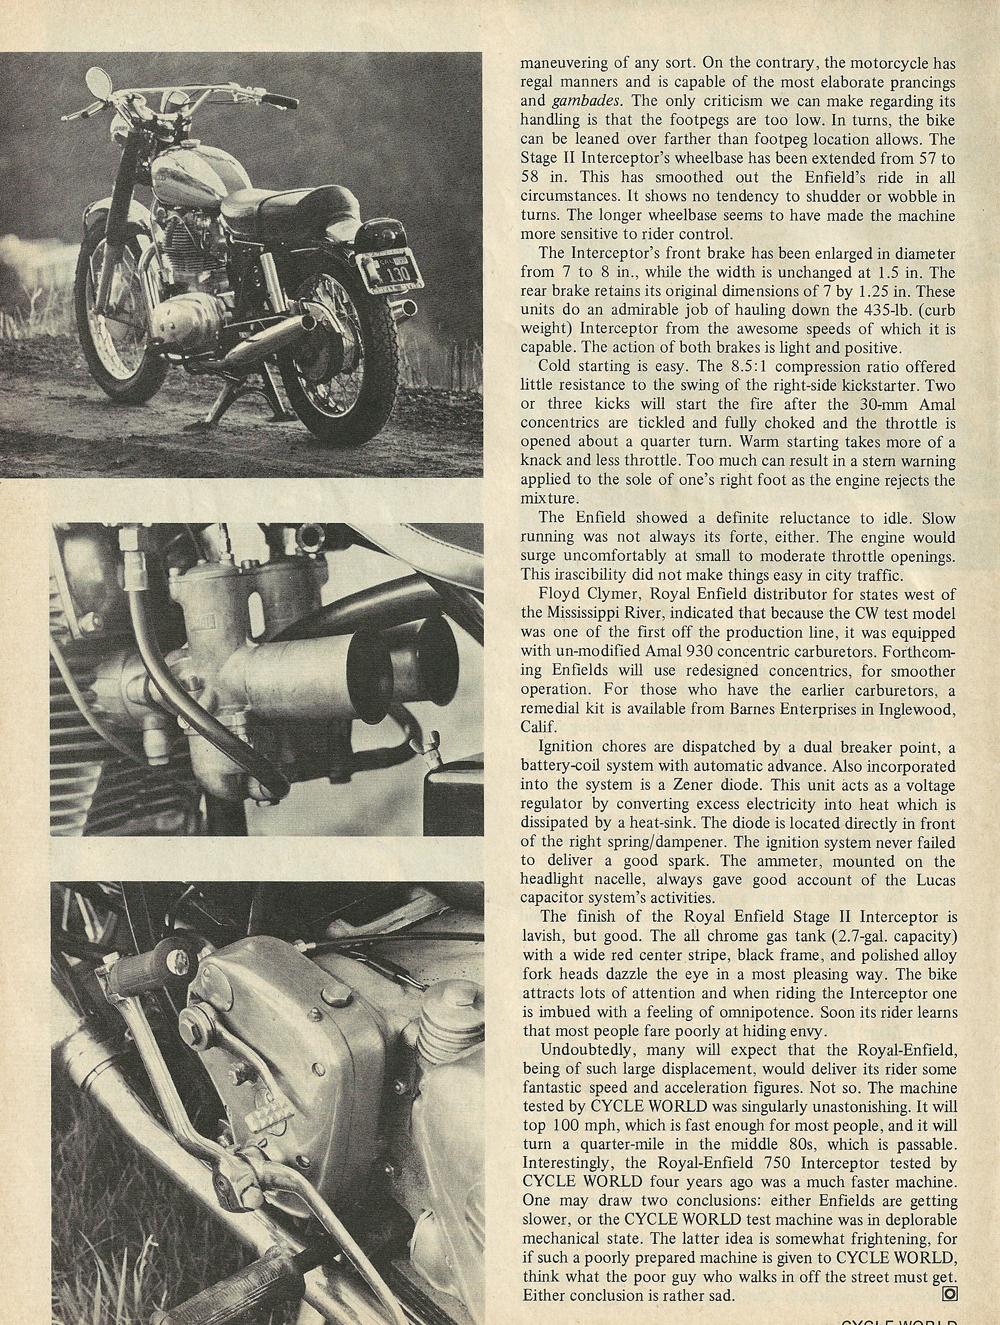 1969 Royal Enfield Stage 2 Interceptor road test 3.jpg